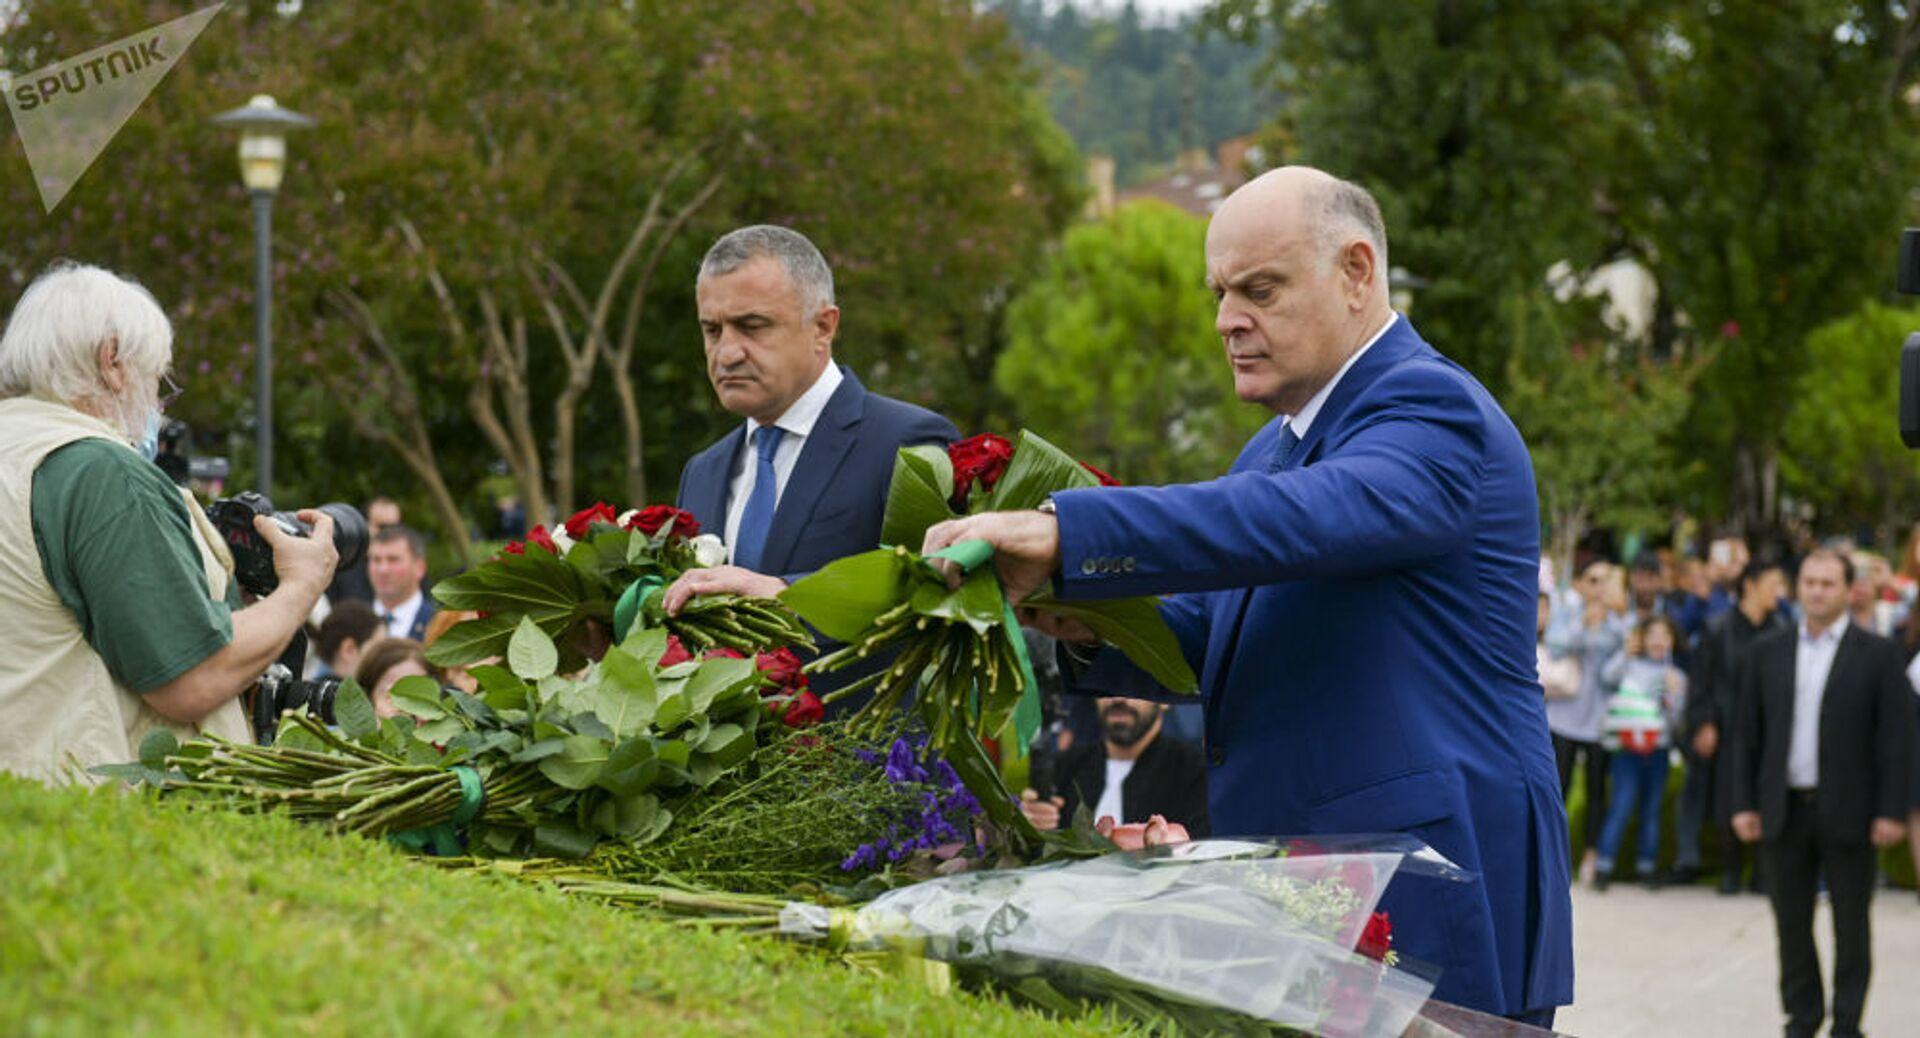 Аслан Бжания и Анатолий Бибилов возложили цветы к мемориалу в Парке Славы - Sputnik Южная Осетия, 1920, 26.10.2021